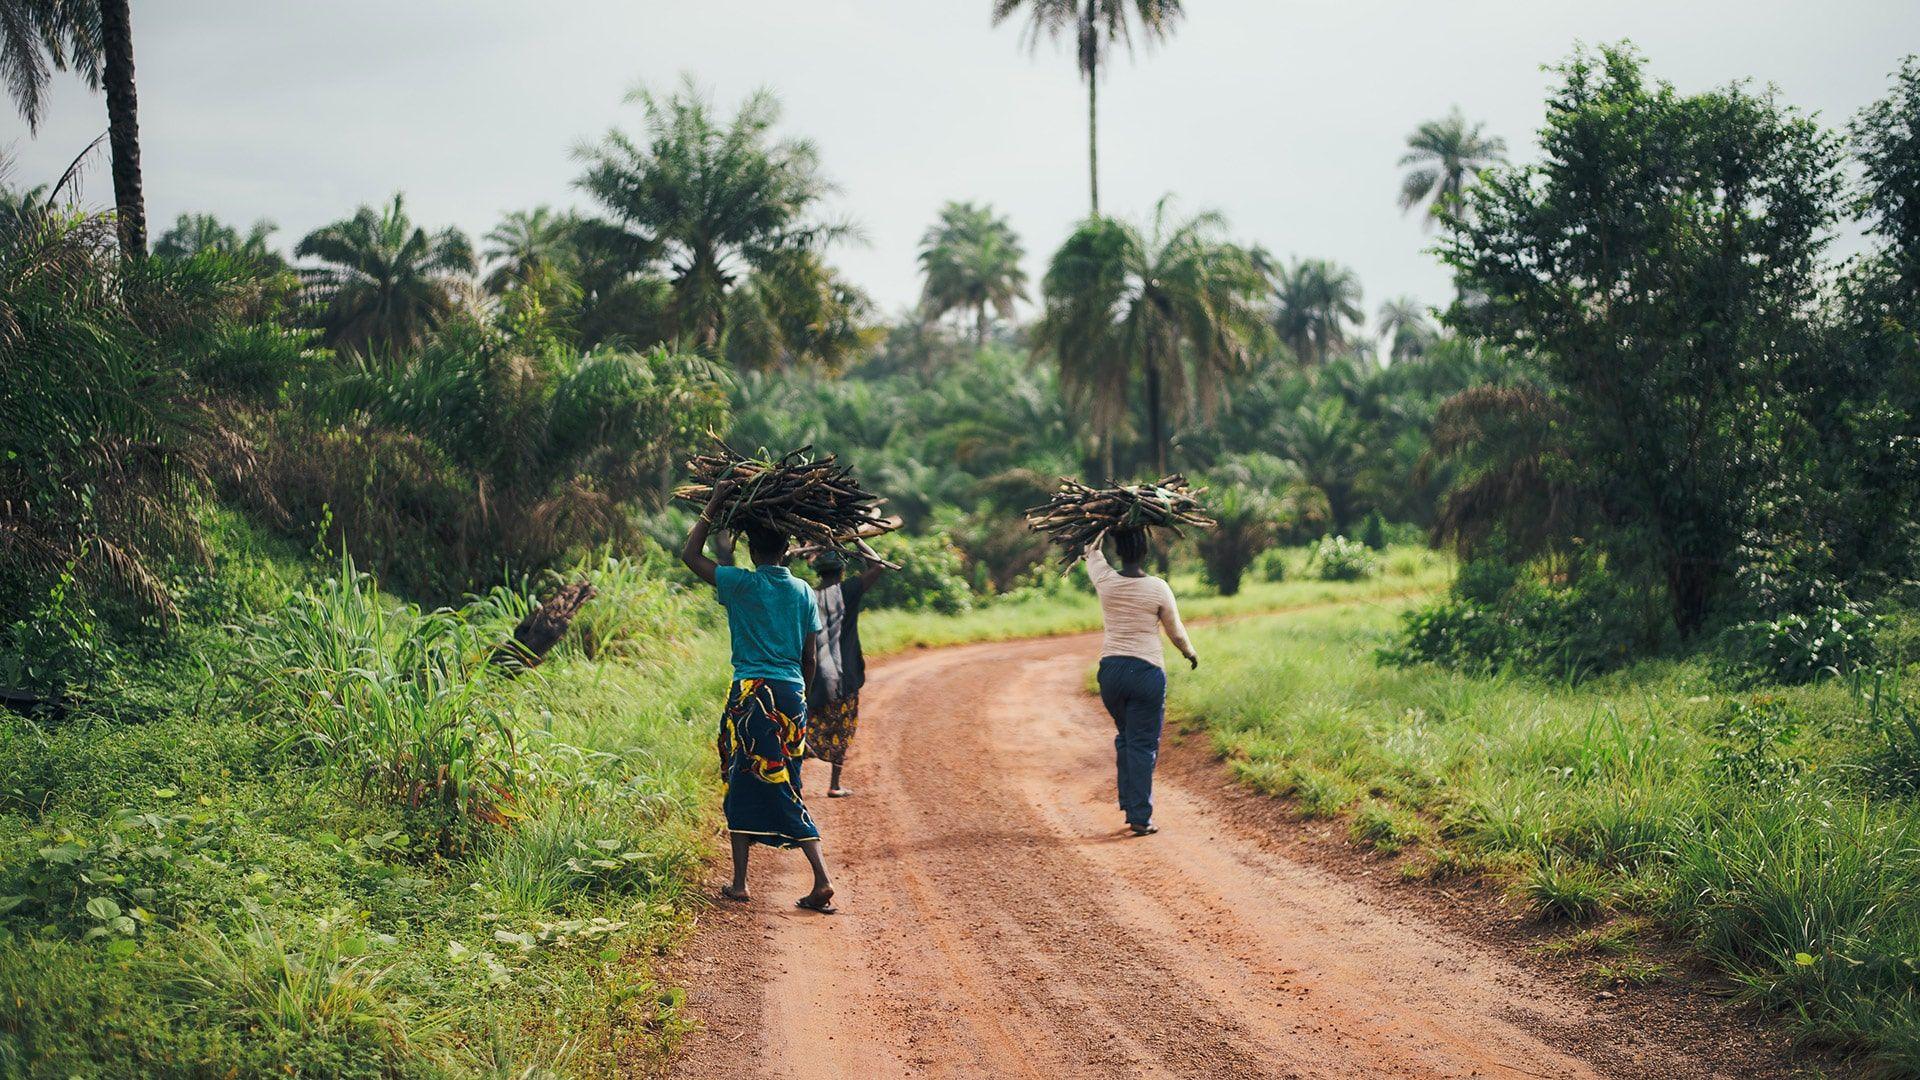 Foto donne in piantagione